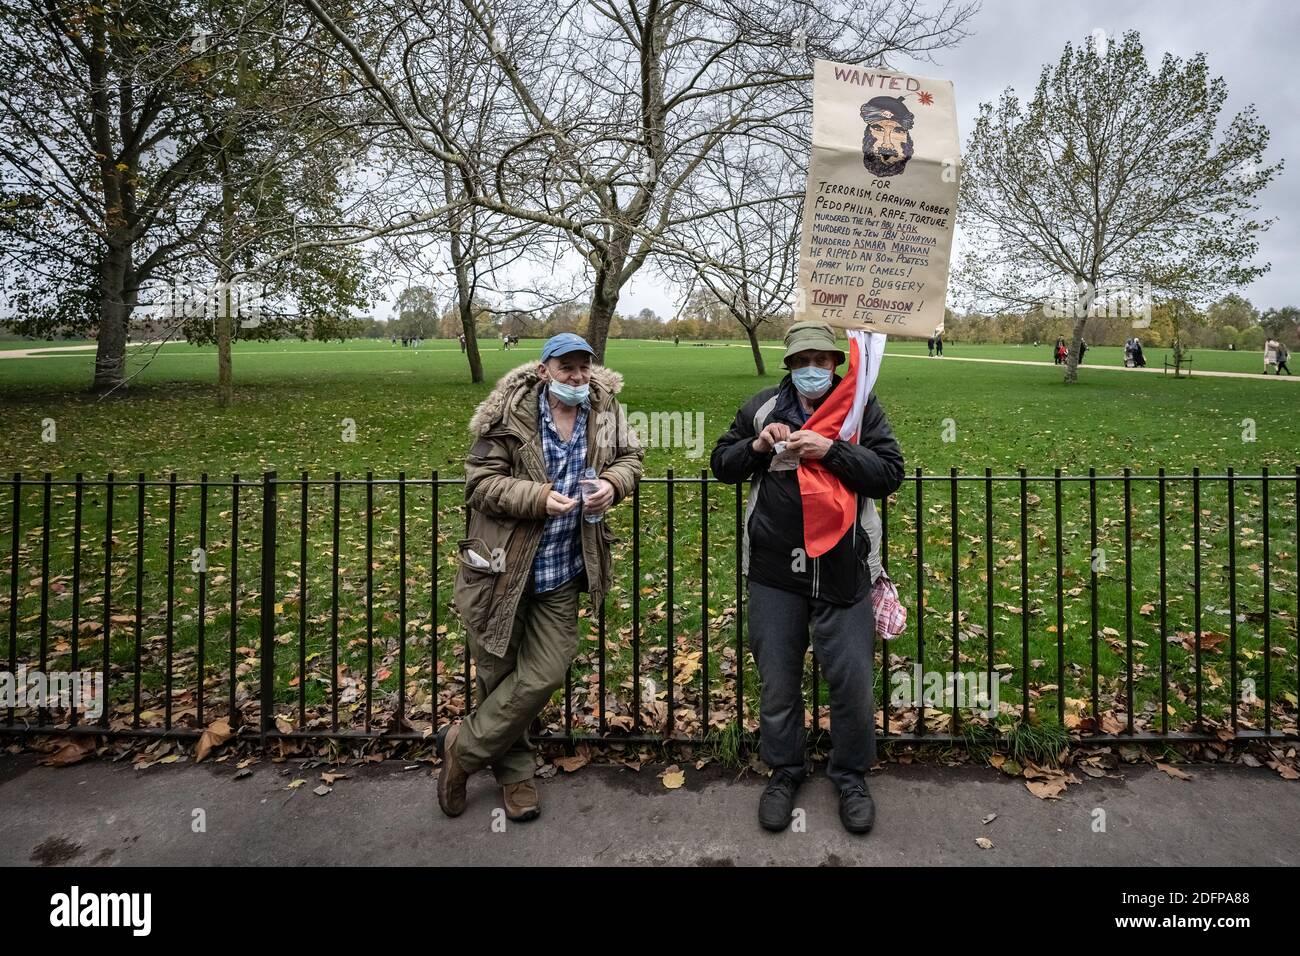 Los partidarios de Tommy Robinson reúnen Speakers' Corner en Hyde Park bajo la supervisión de la policía. Londres, Reino Unido. Foto de stock